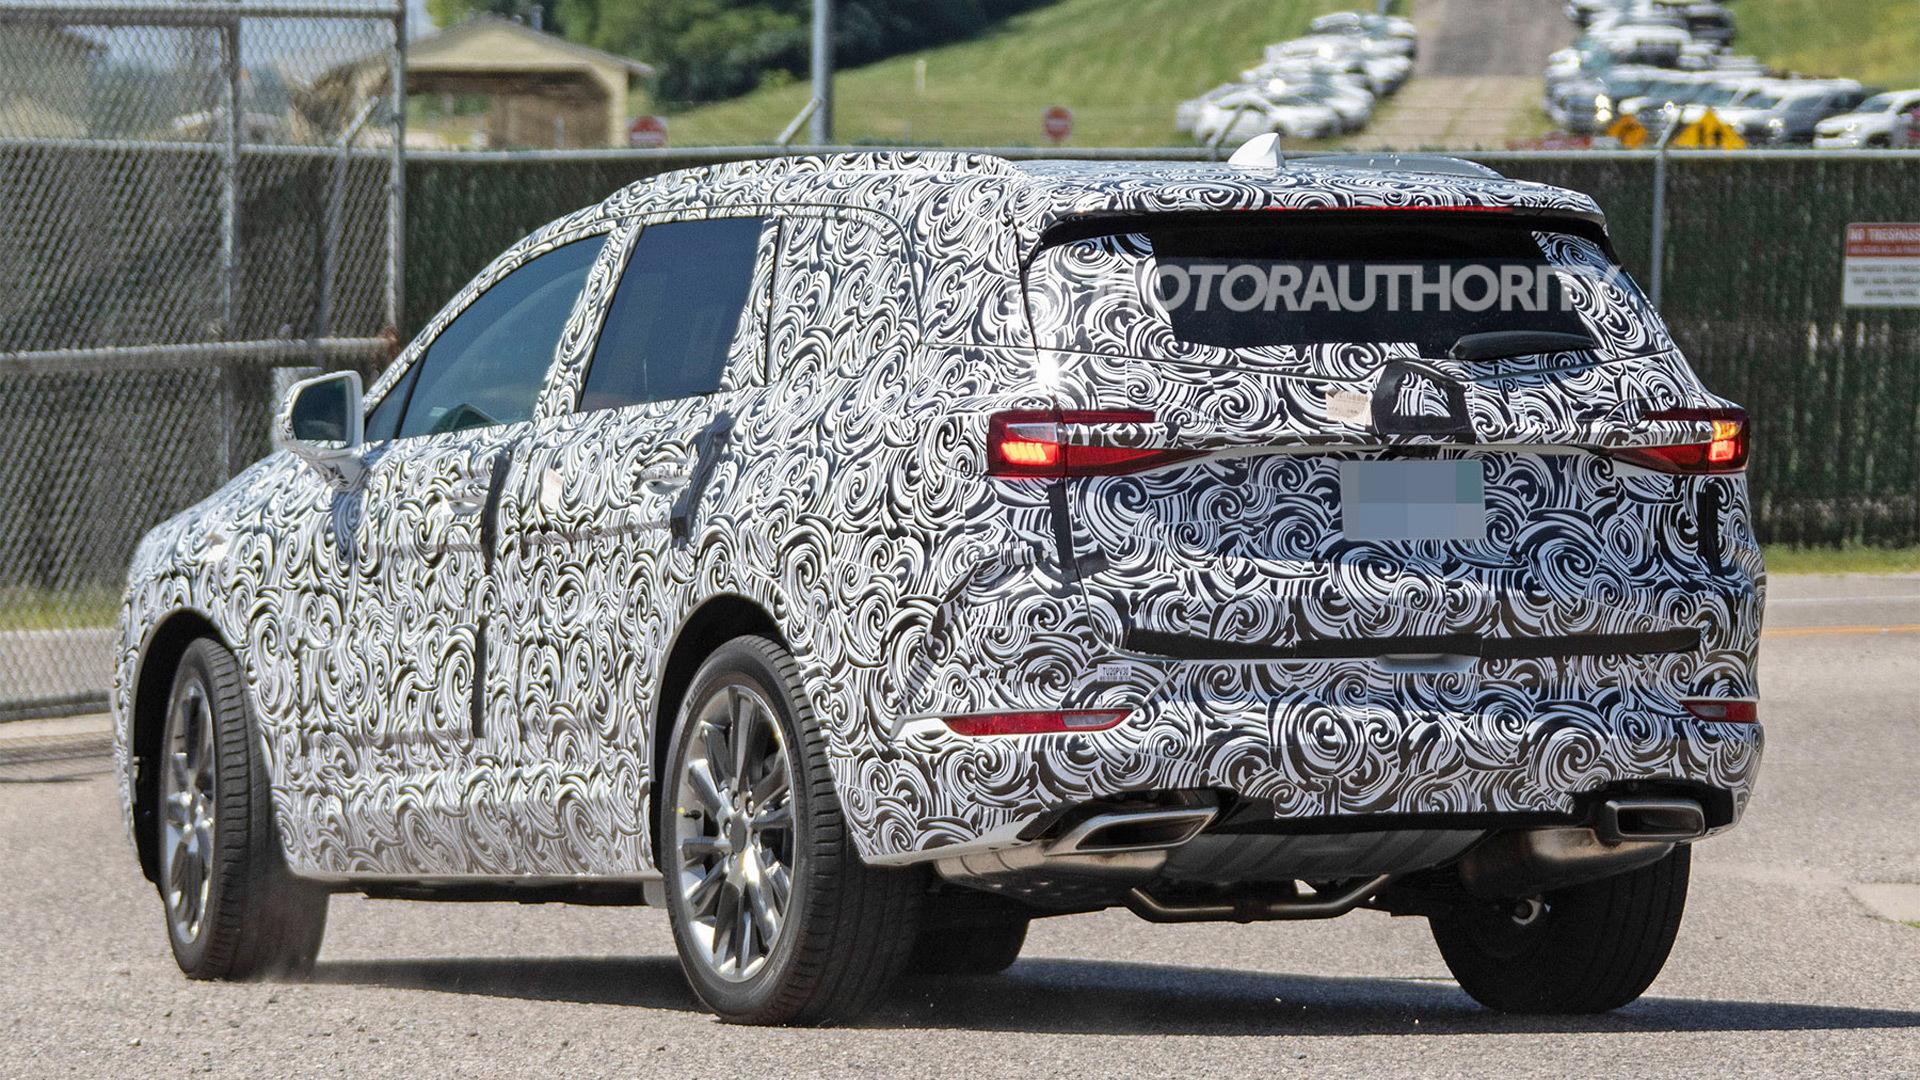 2021 Buick Enclave Spy Photos Picture